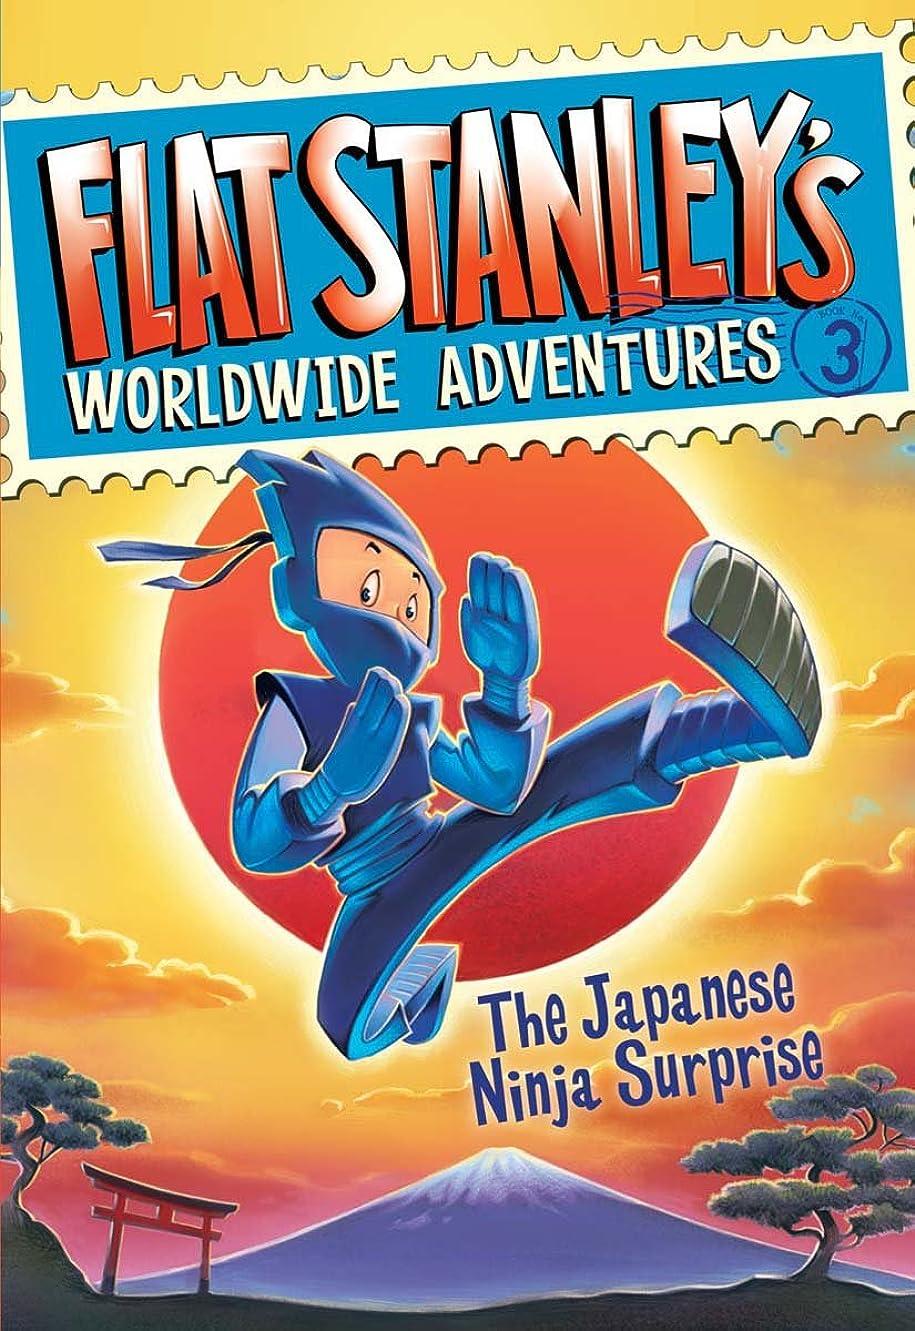 自分しないでください局Flat Stanley's Worldwide Adventures #3: The Japanese Ninja Surprise (English Edition)